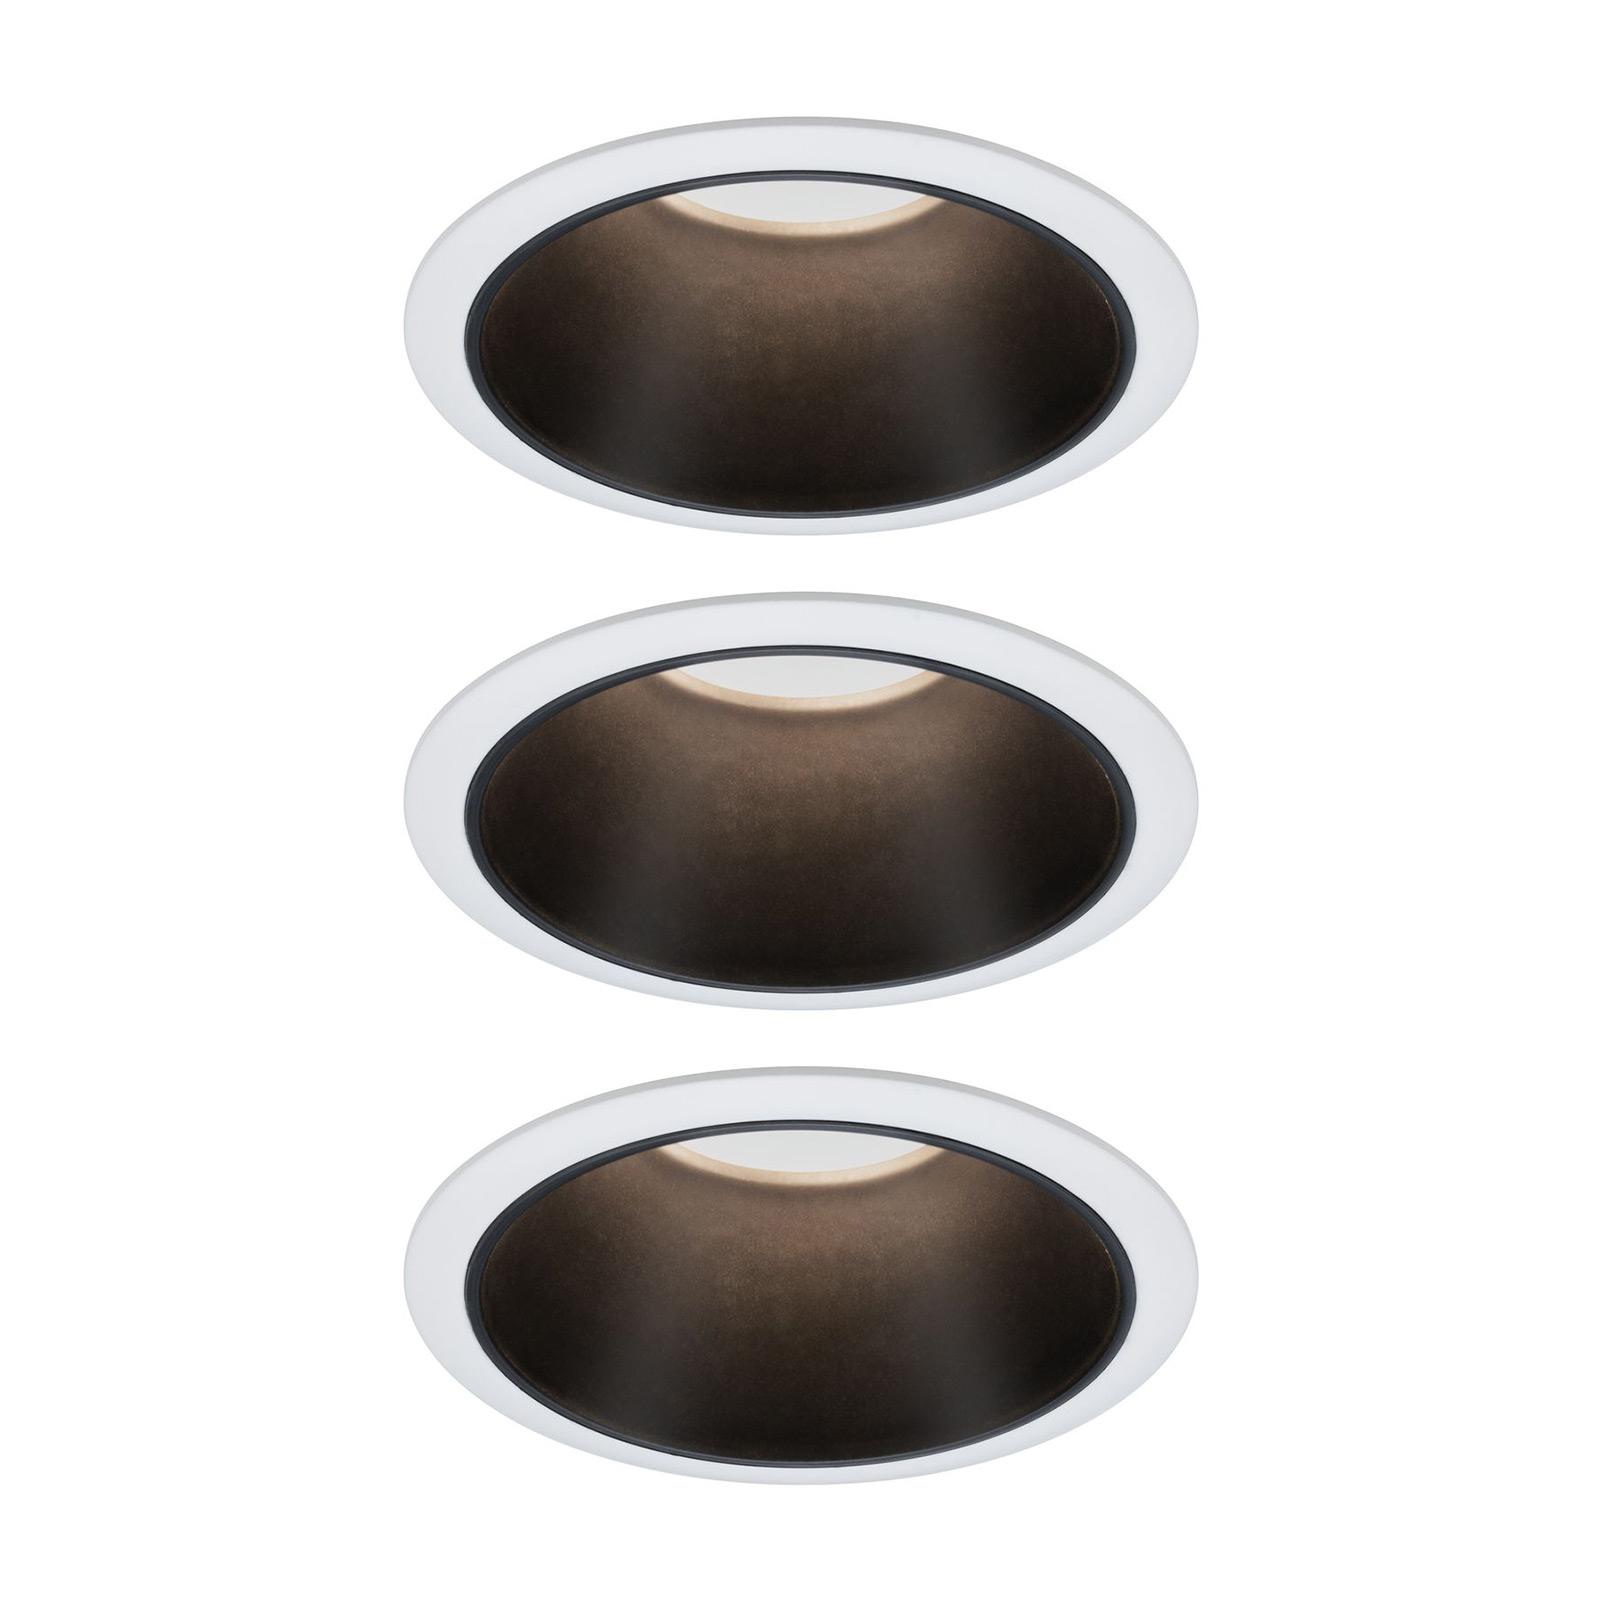 Paulmann Cole LED-spot, svart-hvit, 3-er-sett